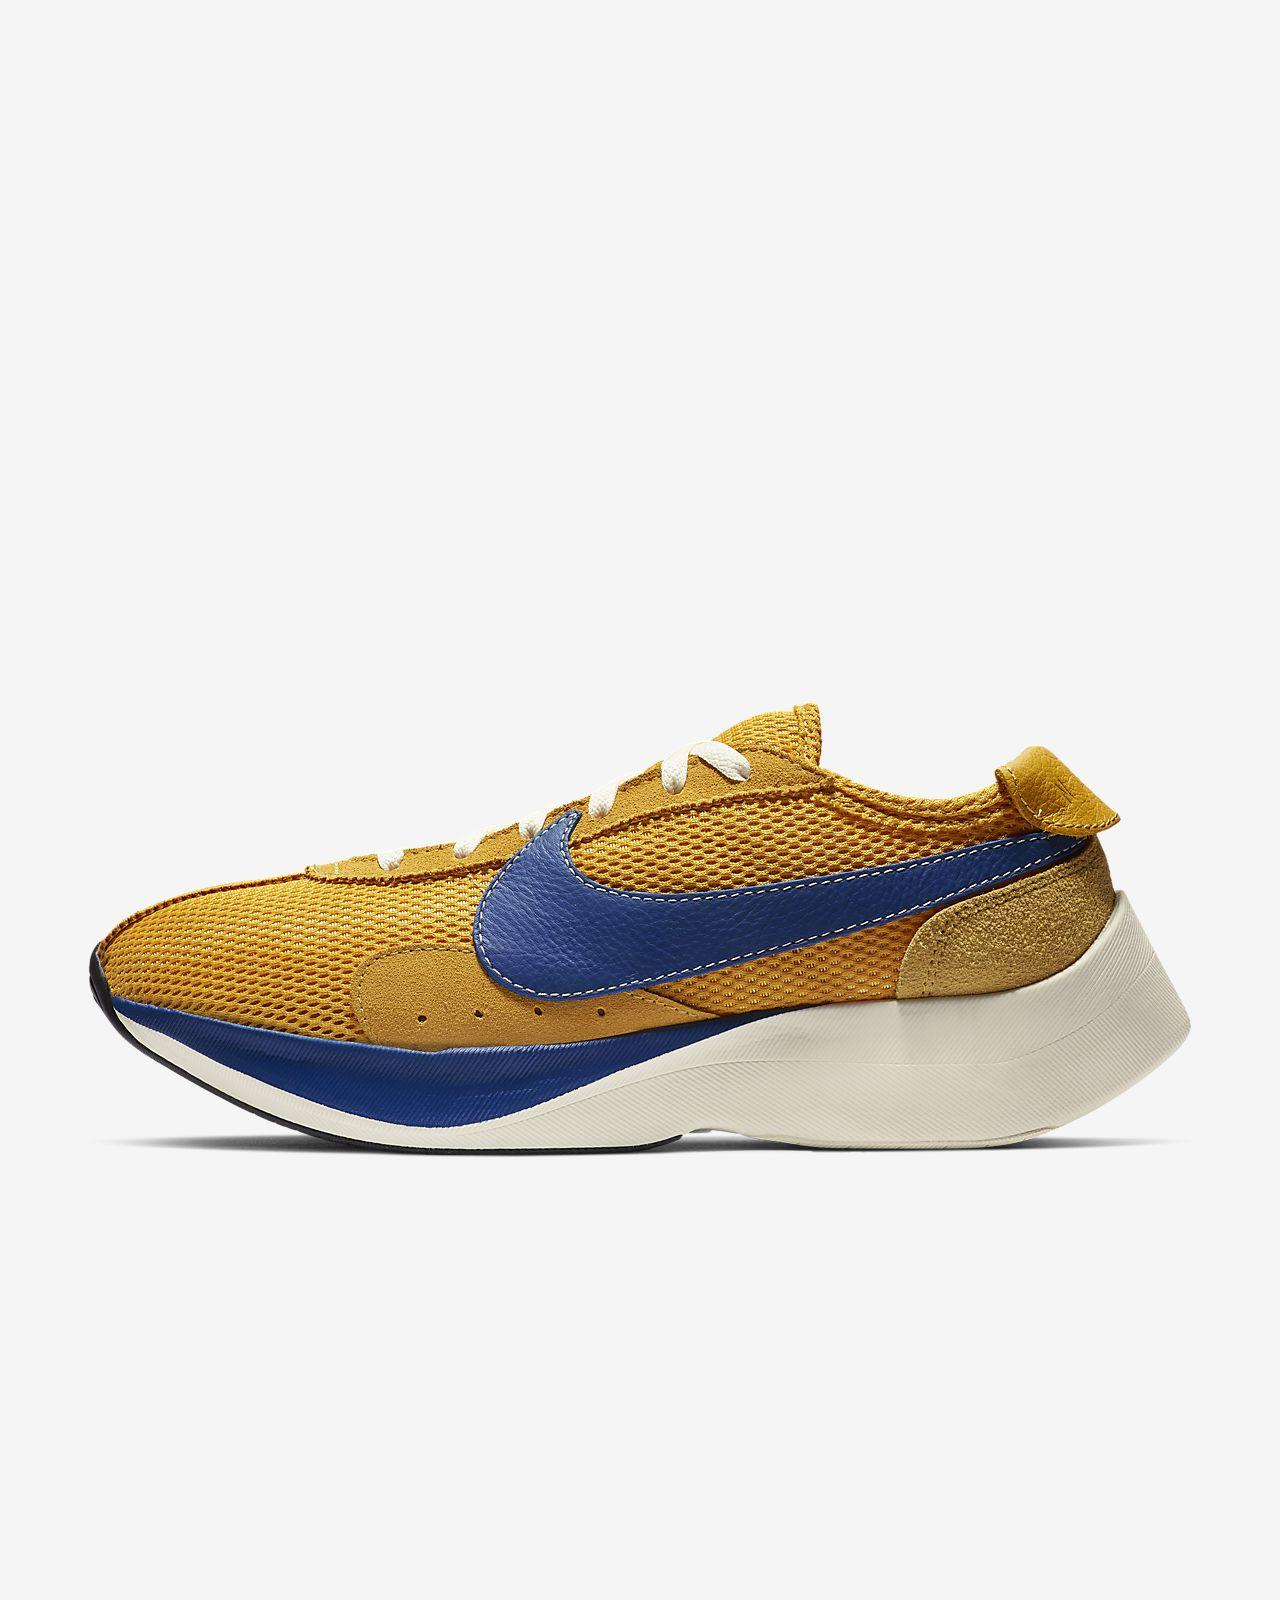 Nike Moon Racer QS férficipő